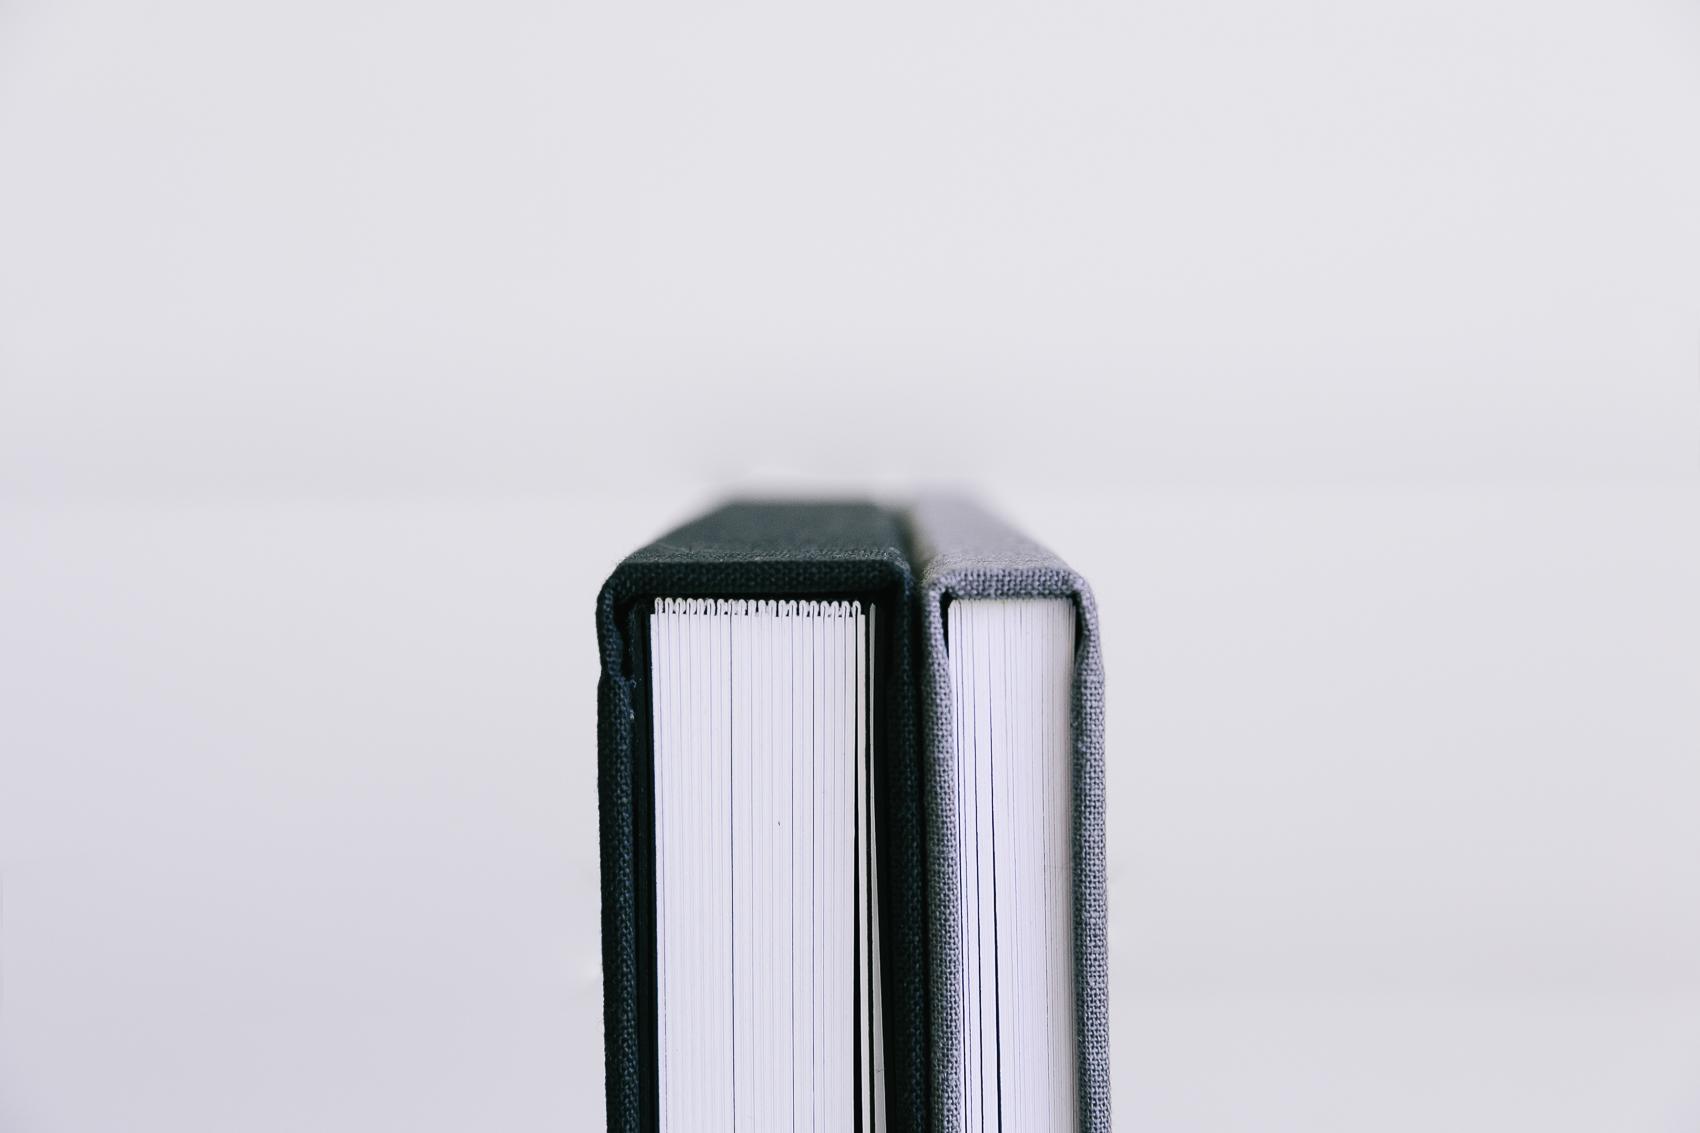 Books2019-0096.jpg